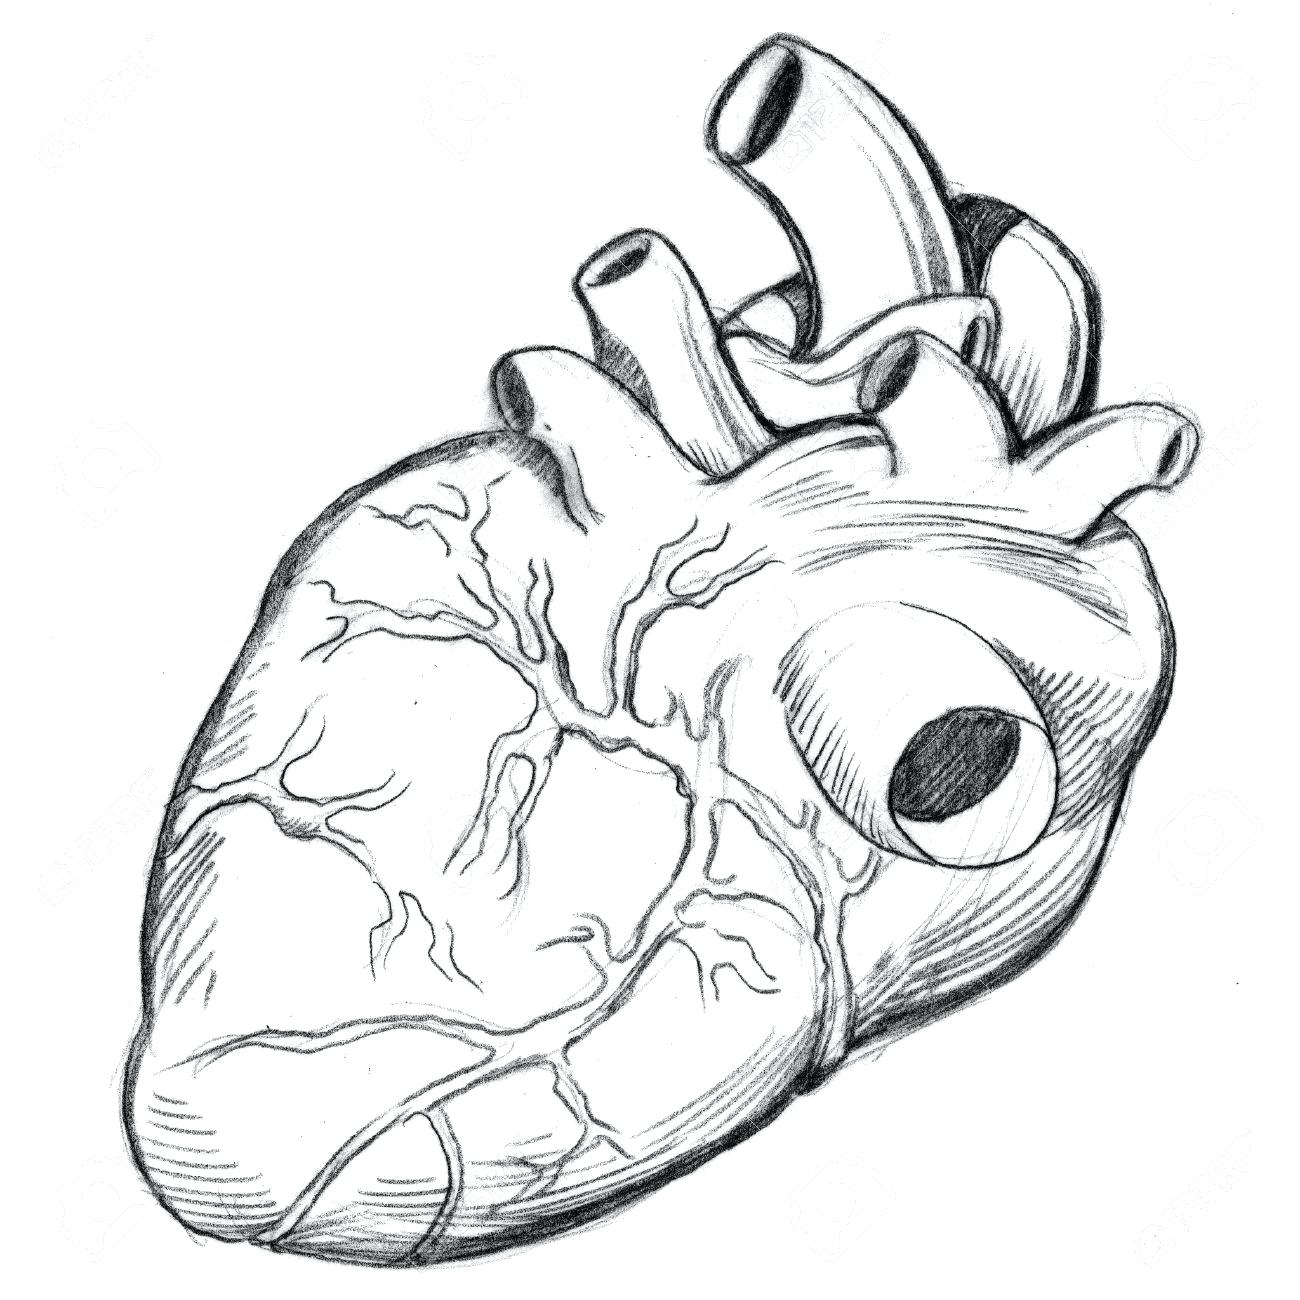 Human Heart Anatomy Drawing At Getdrawings